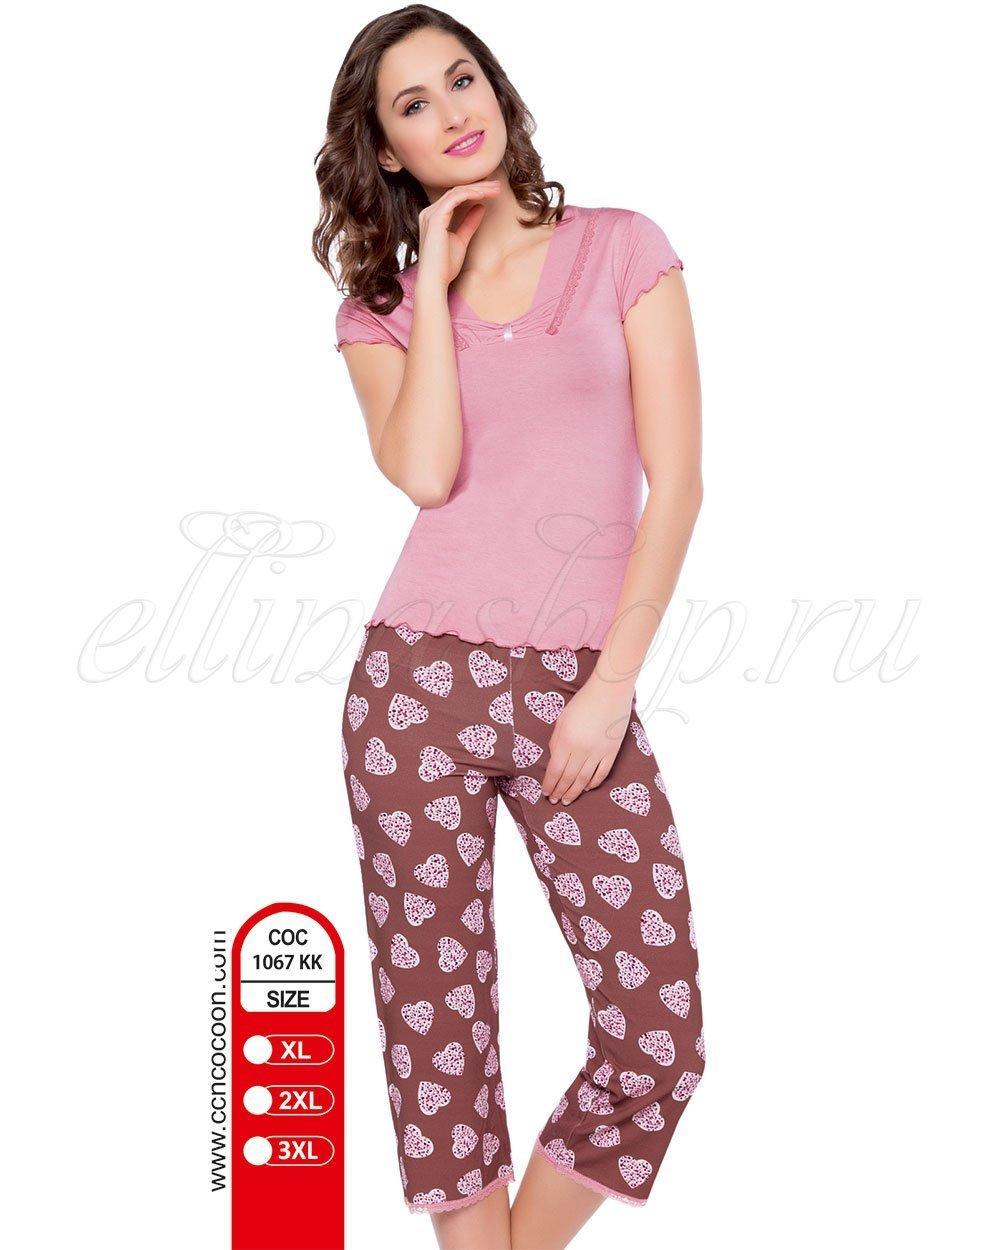 767 KK (KK-1067) сердца - пижама (футболка+бриджи) Cocoon